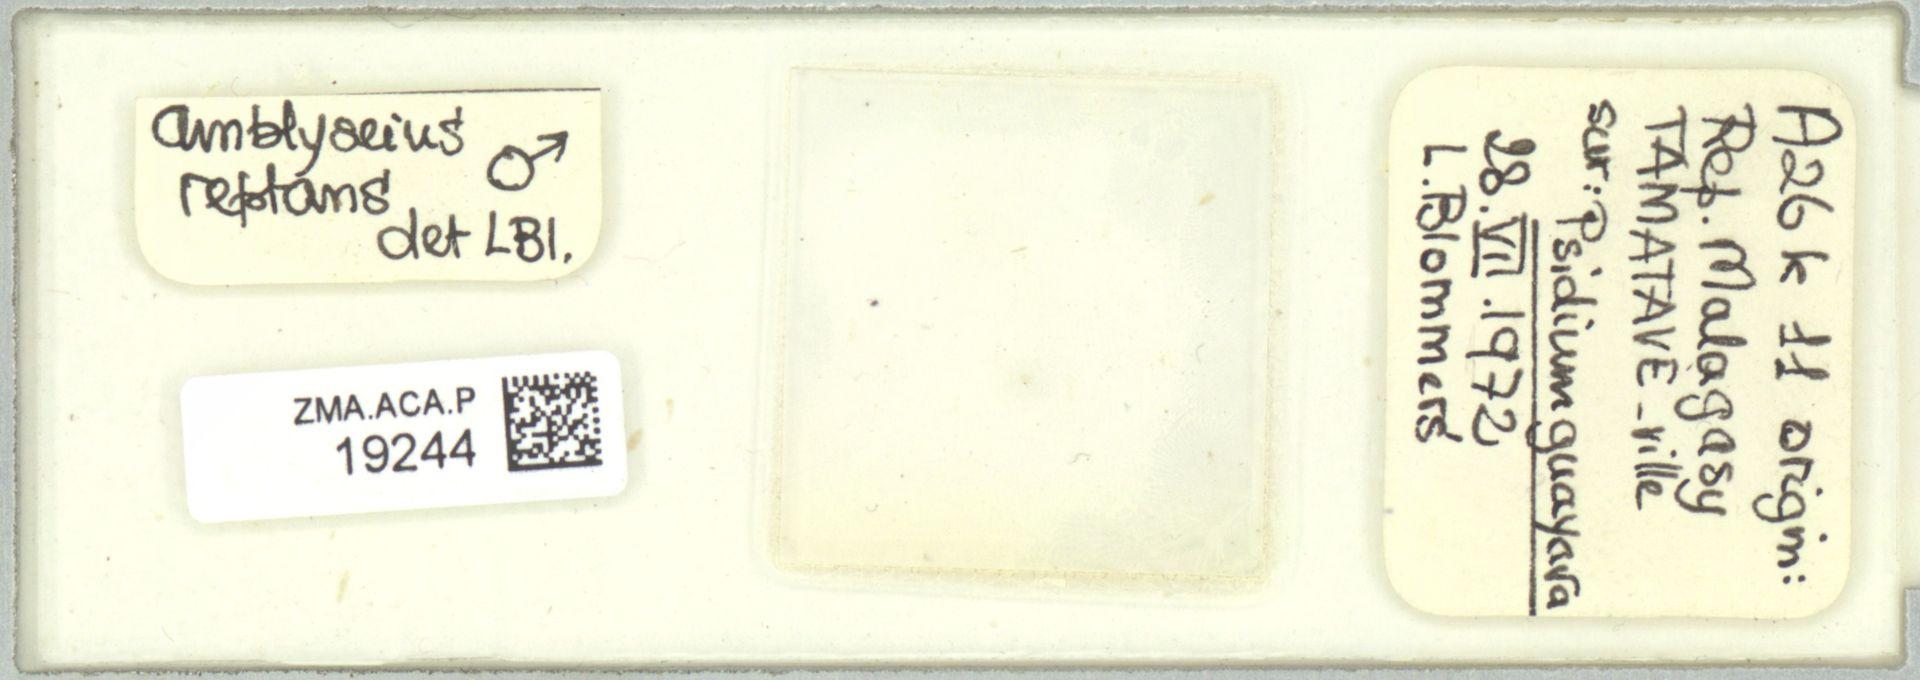 ZMA.ACA.P.19244 | Scapulaseius reptans (Blommers, 1974)